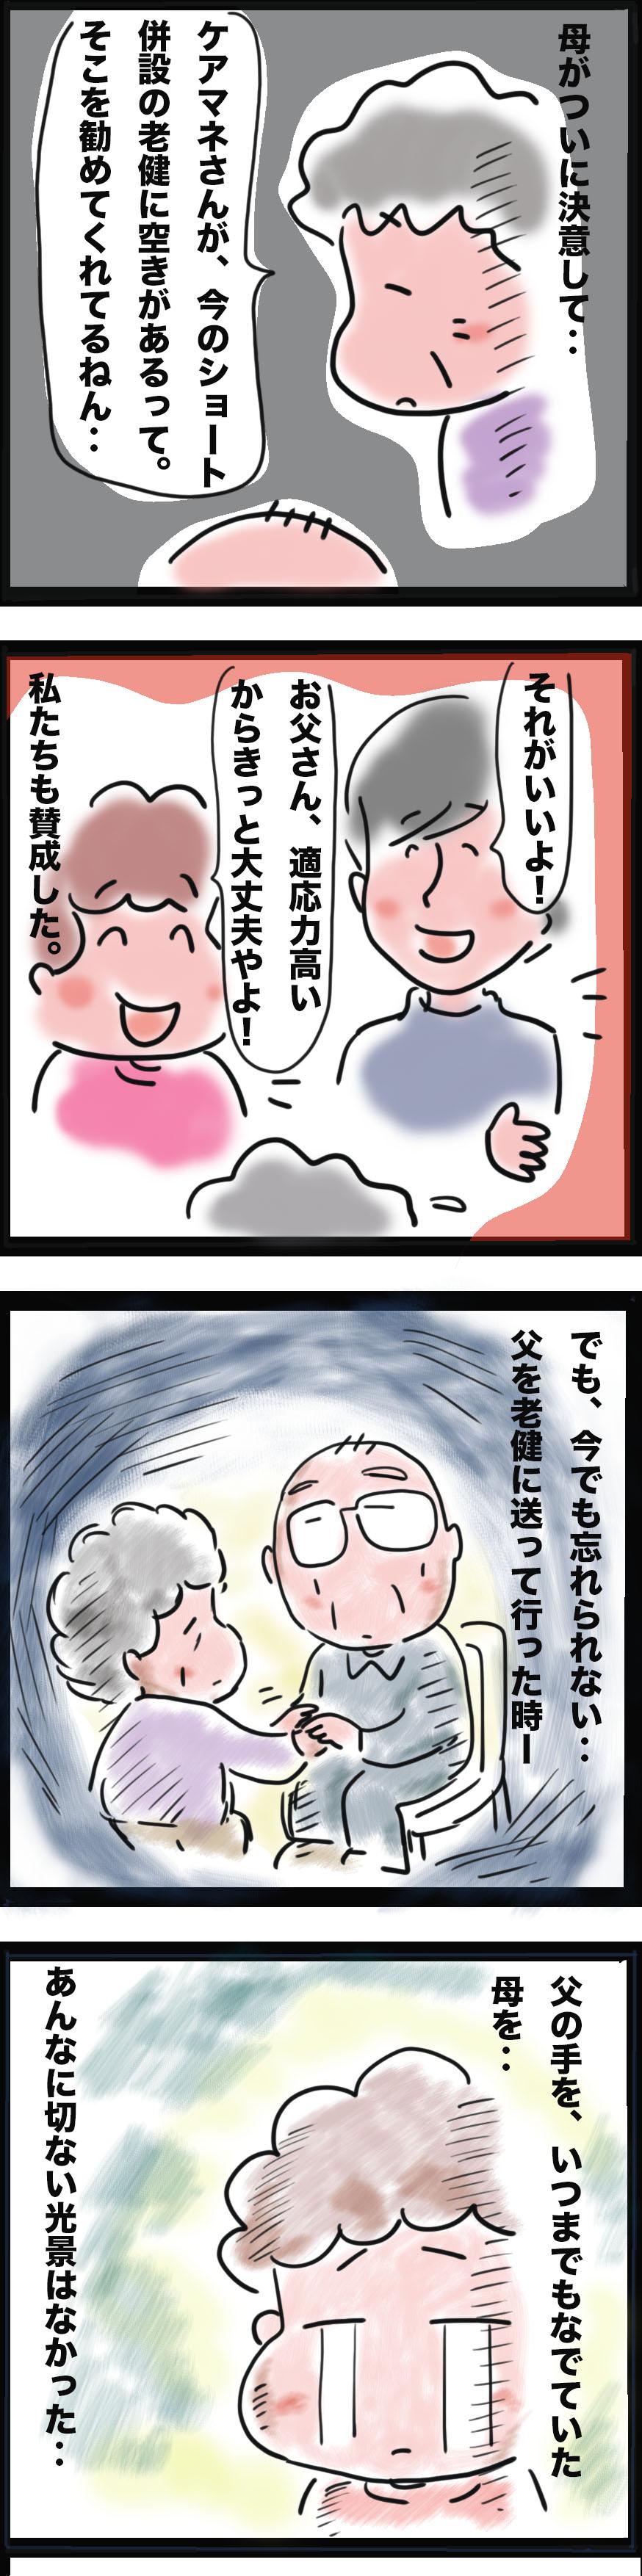 老老介護の限界2 (1).jpg